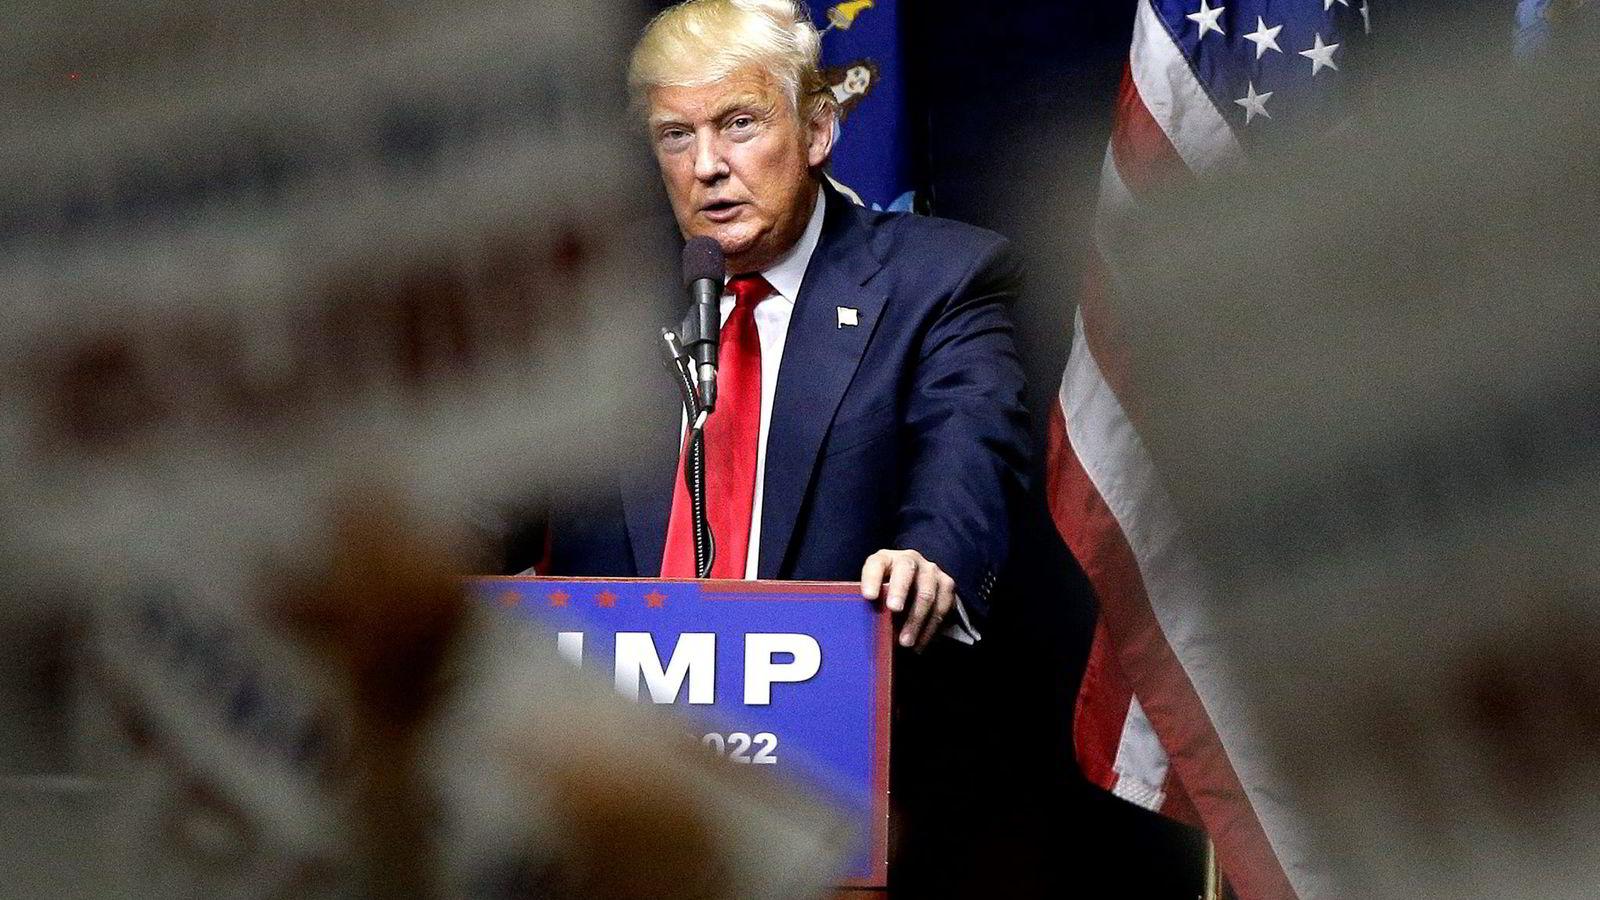 Presidentkandidat Donald Trump ordlegger seg uvanlig mildt i en Facebook-melding om fordommer, hat og undertrykkelse. Foto: Spencer Platt/AFP/NTB Scanpix og Julie Jacobson/AP/NTB Scanpix